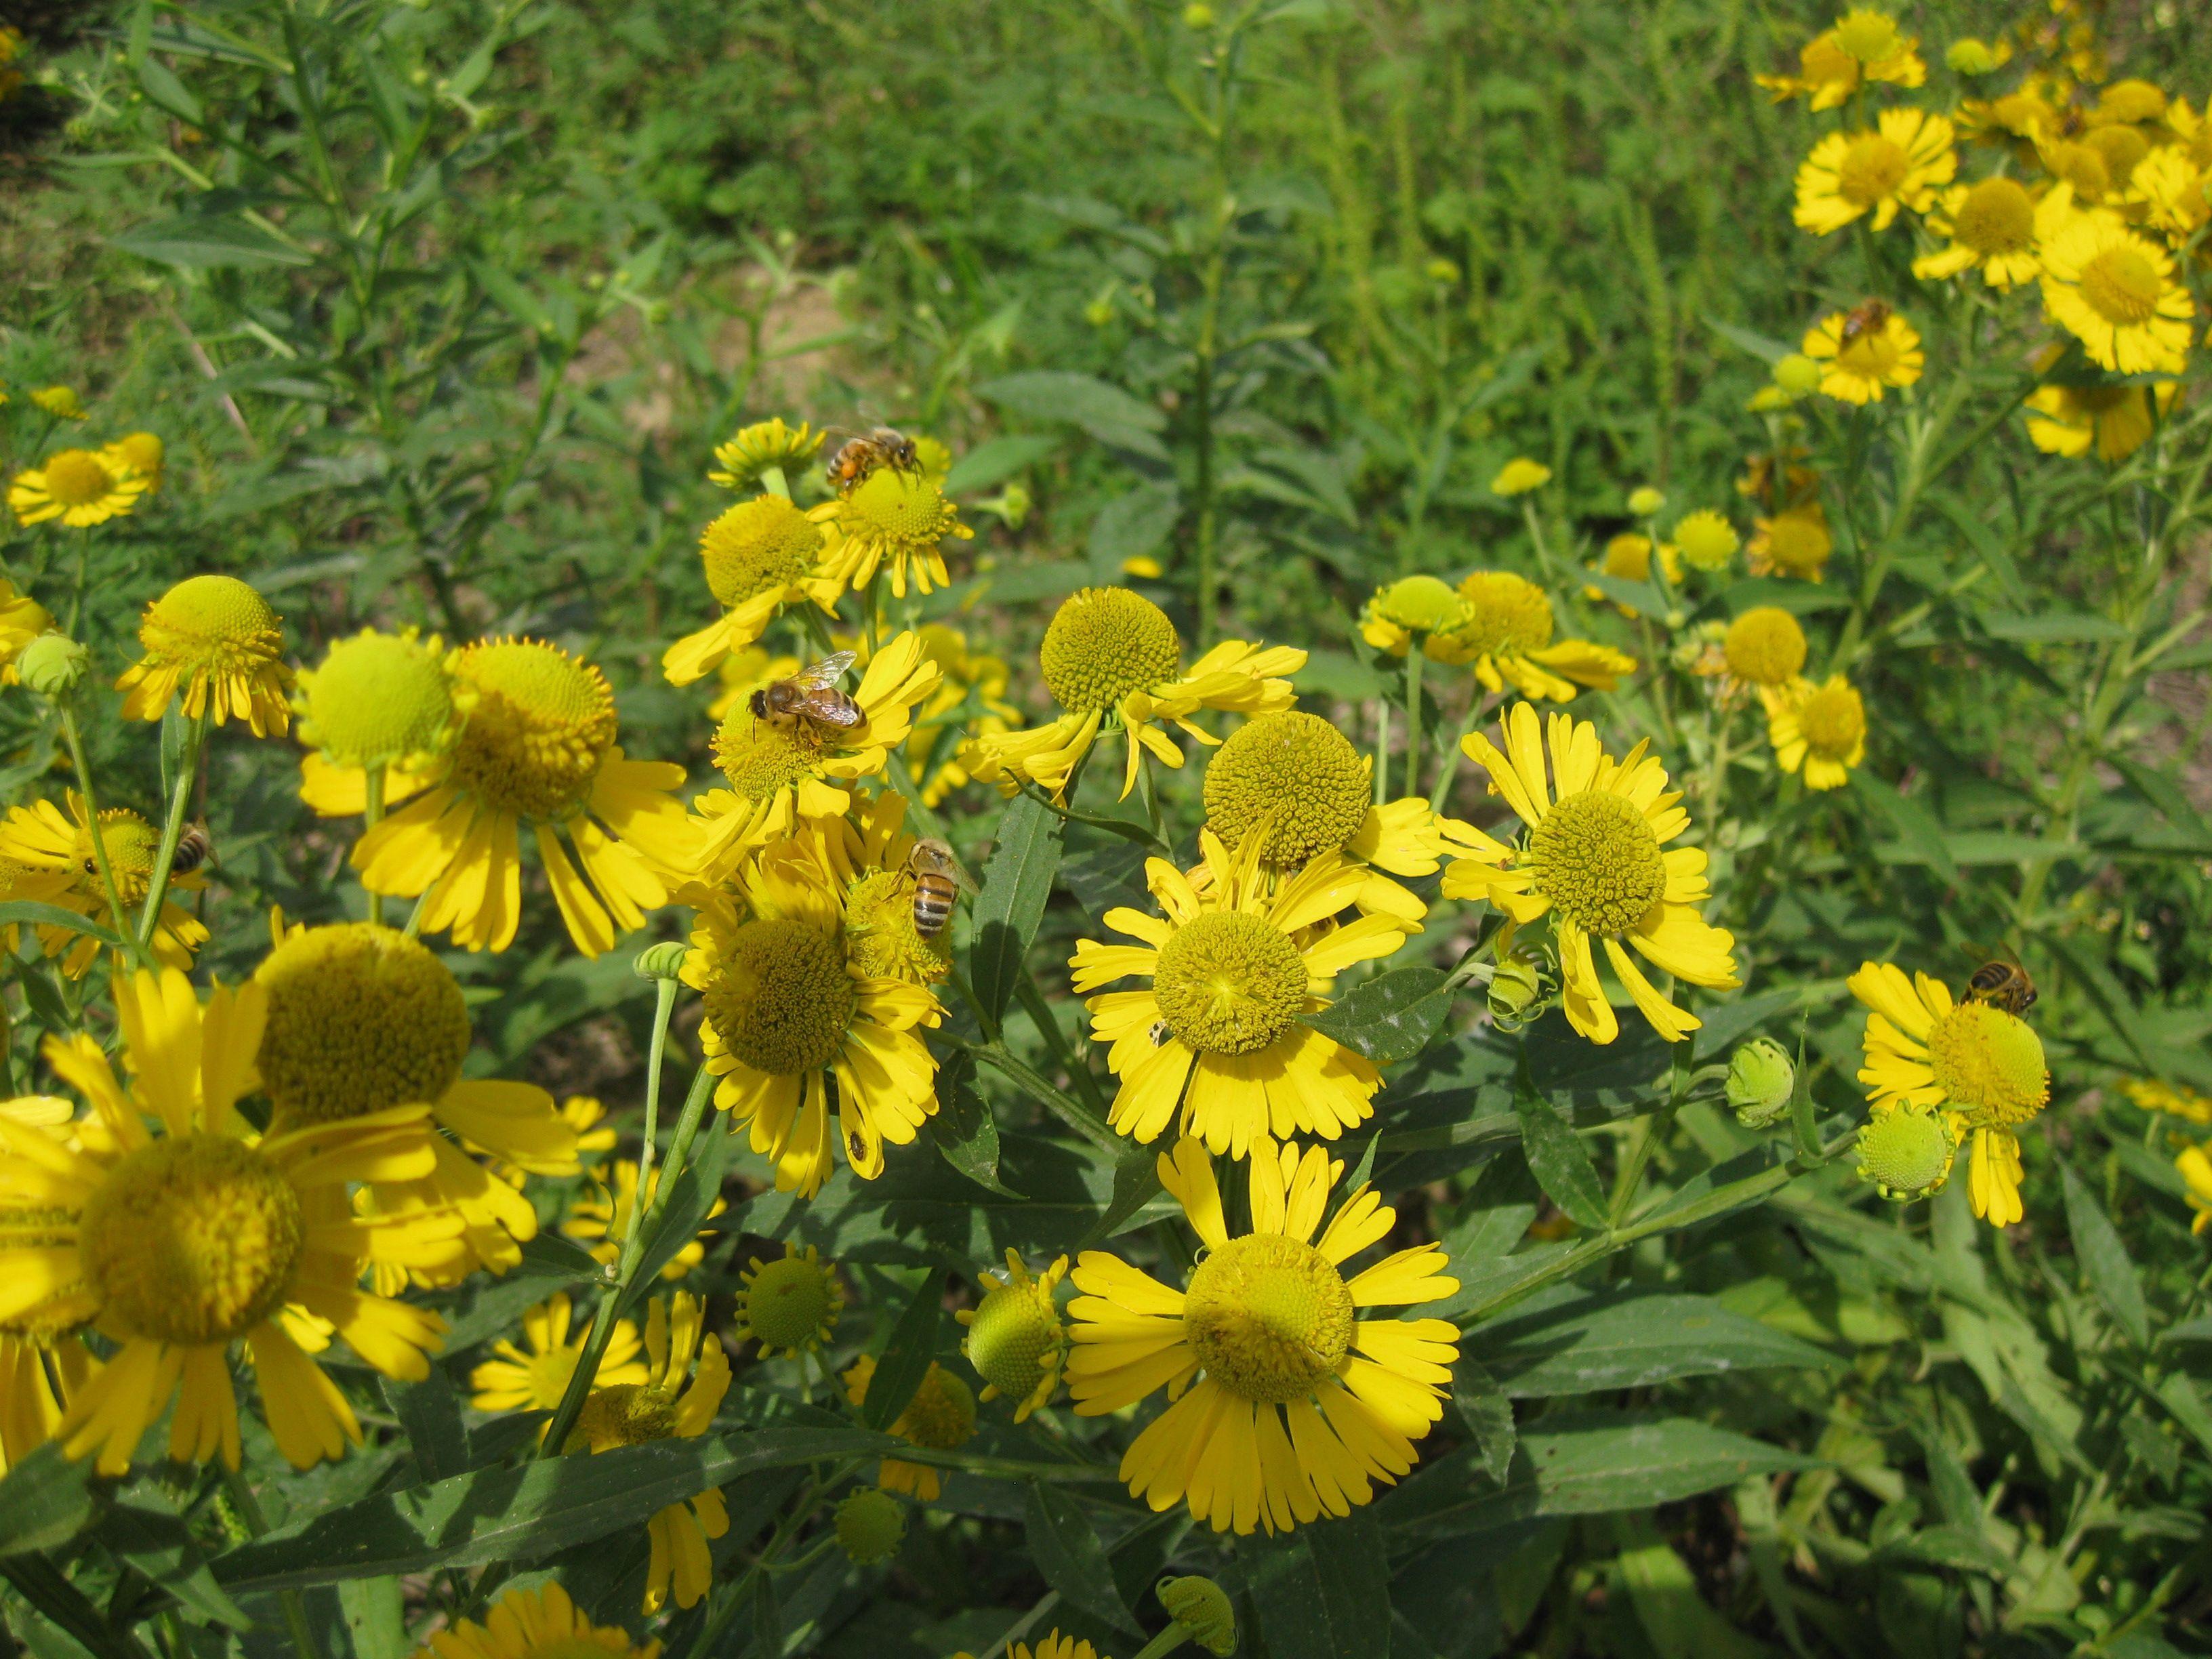 Helenium autumnale, Sneezeweed/Helen's Flower (FACW